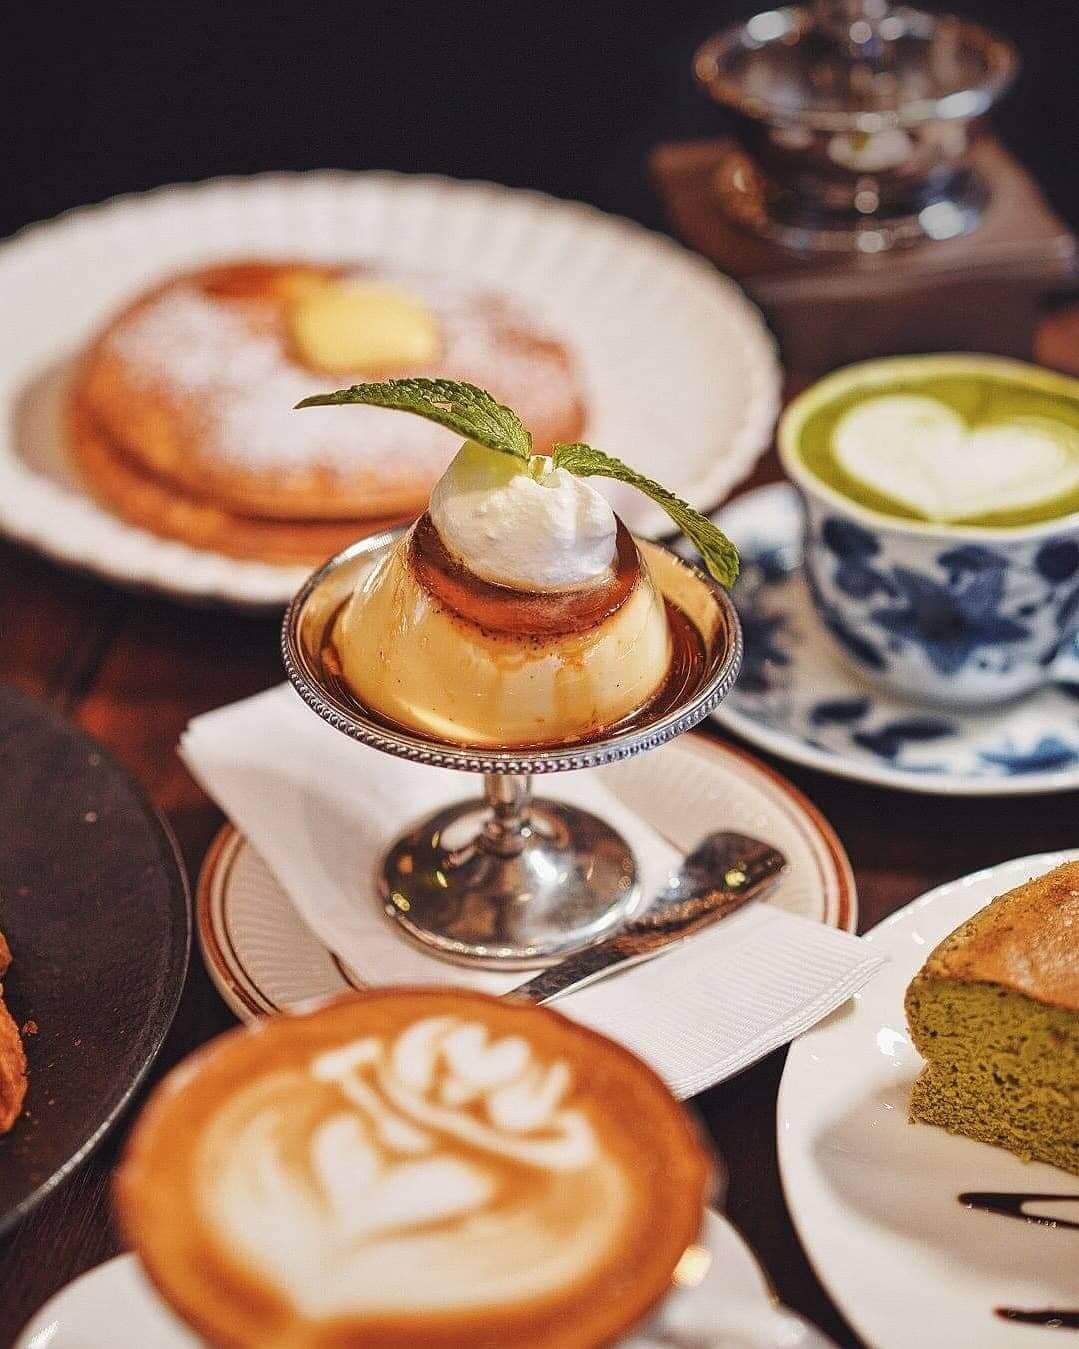 京都逾50年歷史嘅昭和風喫茶店Sonia Coffee,首間海外分店登陸香港!